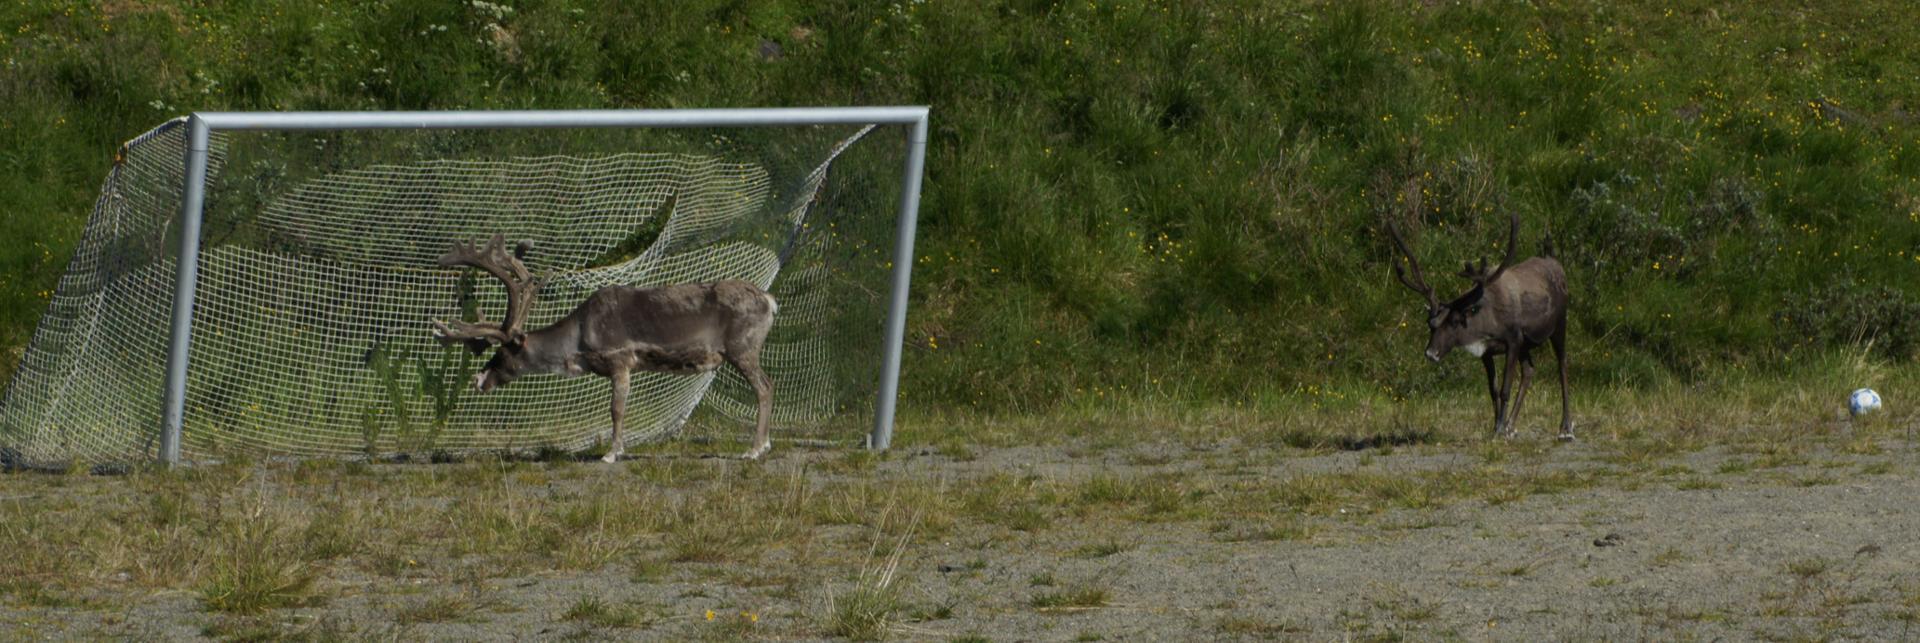 Le match de foot